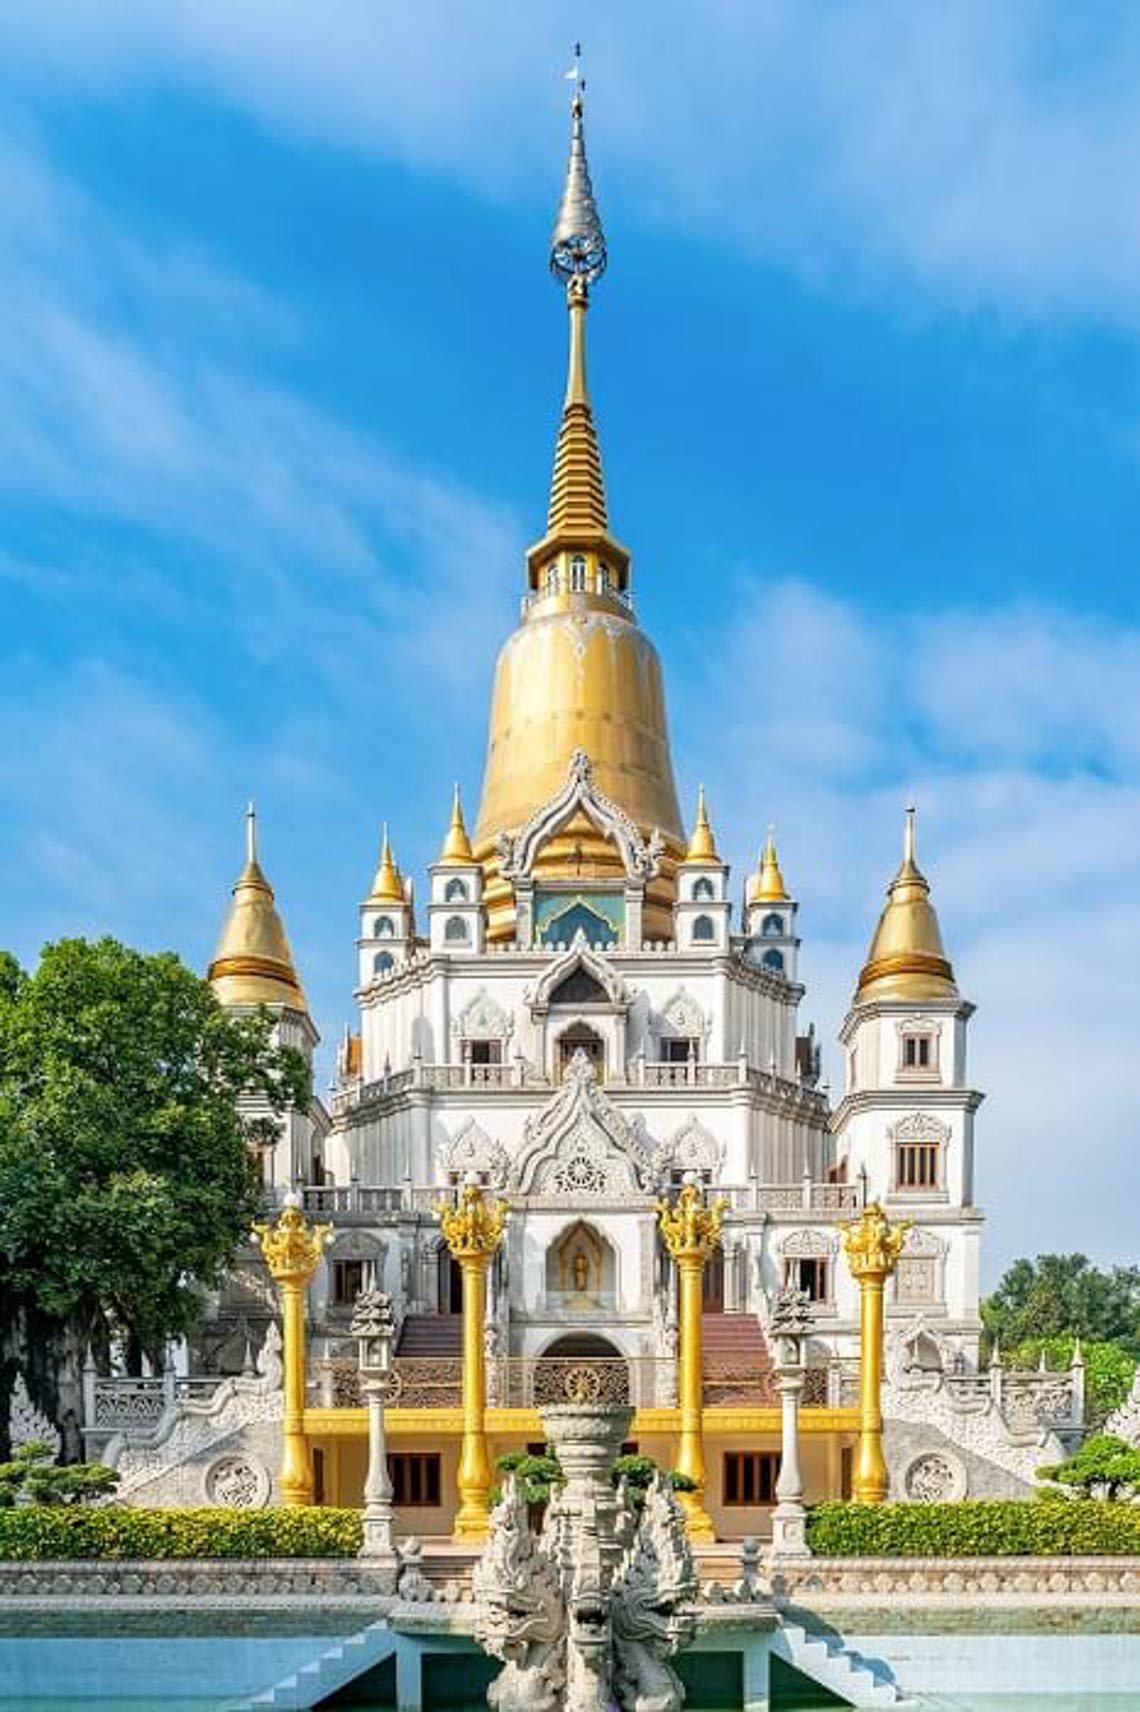 Nét kiến trúc theo phong cách Thái Lan của ngôi chùa trong Top đẹp nhất thế giới -16